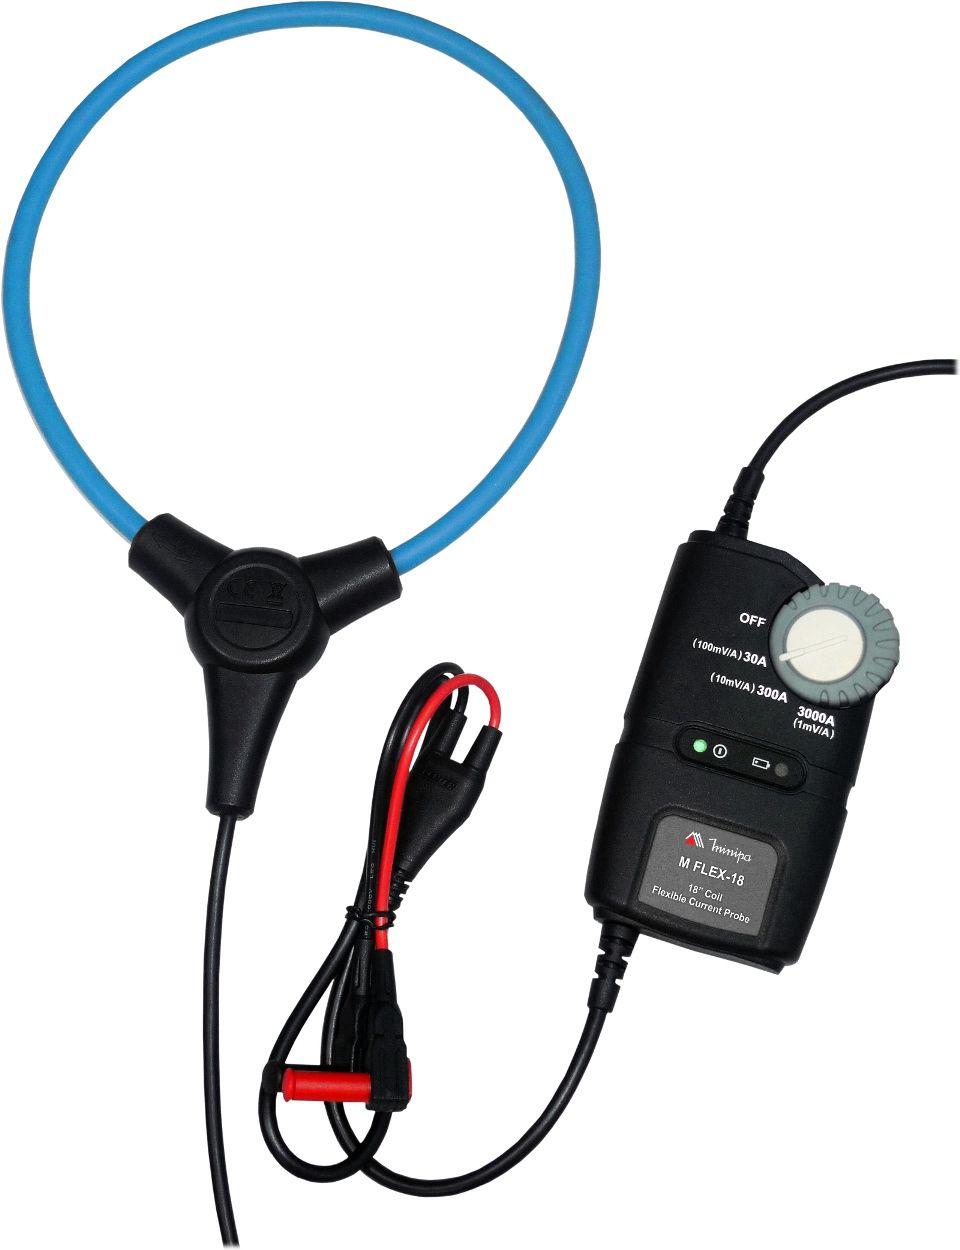 """Garra de Corrente Flexível 3000A/18"""" p/ Alicate ou Multimetro Minipa MFLEX-18  - MRE Ferramentas"""